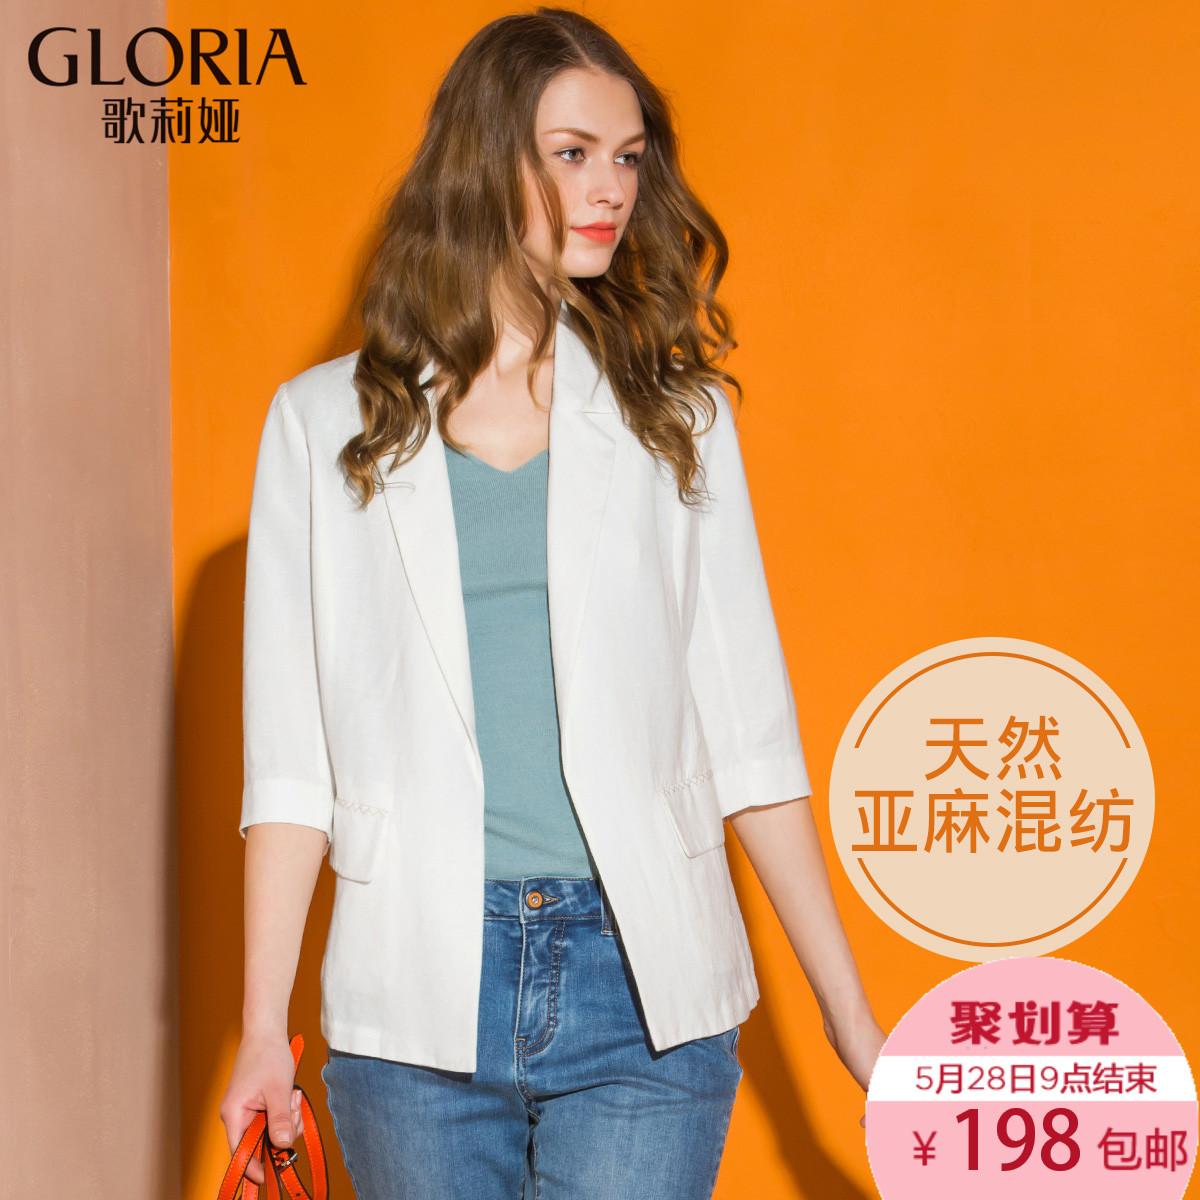 歌莉娅女装 预售|GLORIA歌莉娅女装 2017夏季新款西装领小外套174R6D030_推荐淘宝好看的歌莉娅